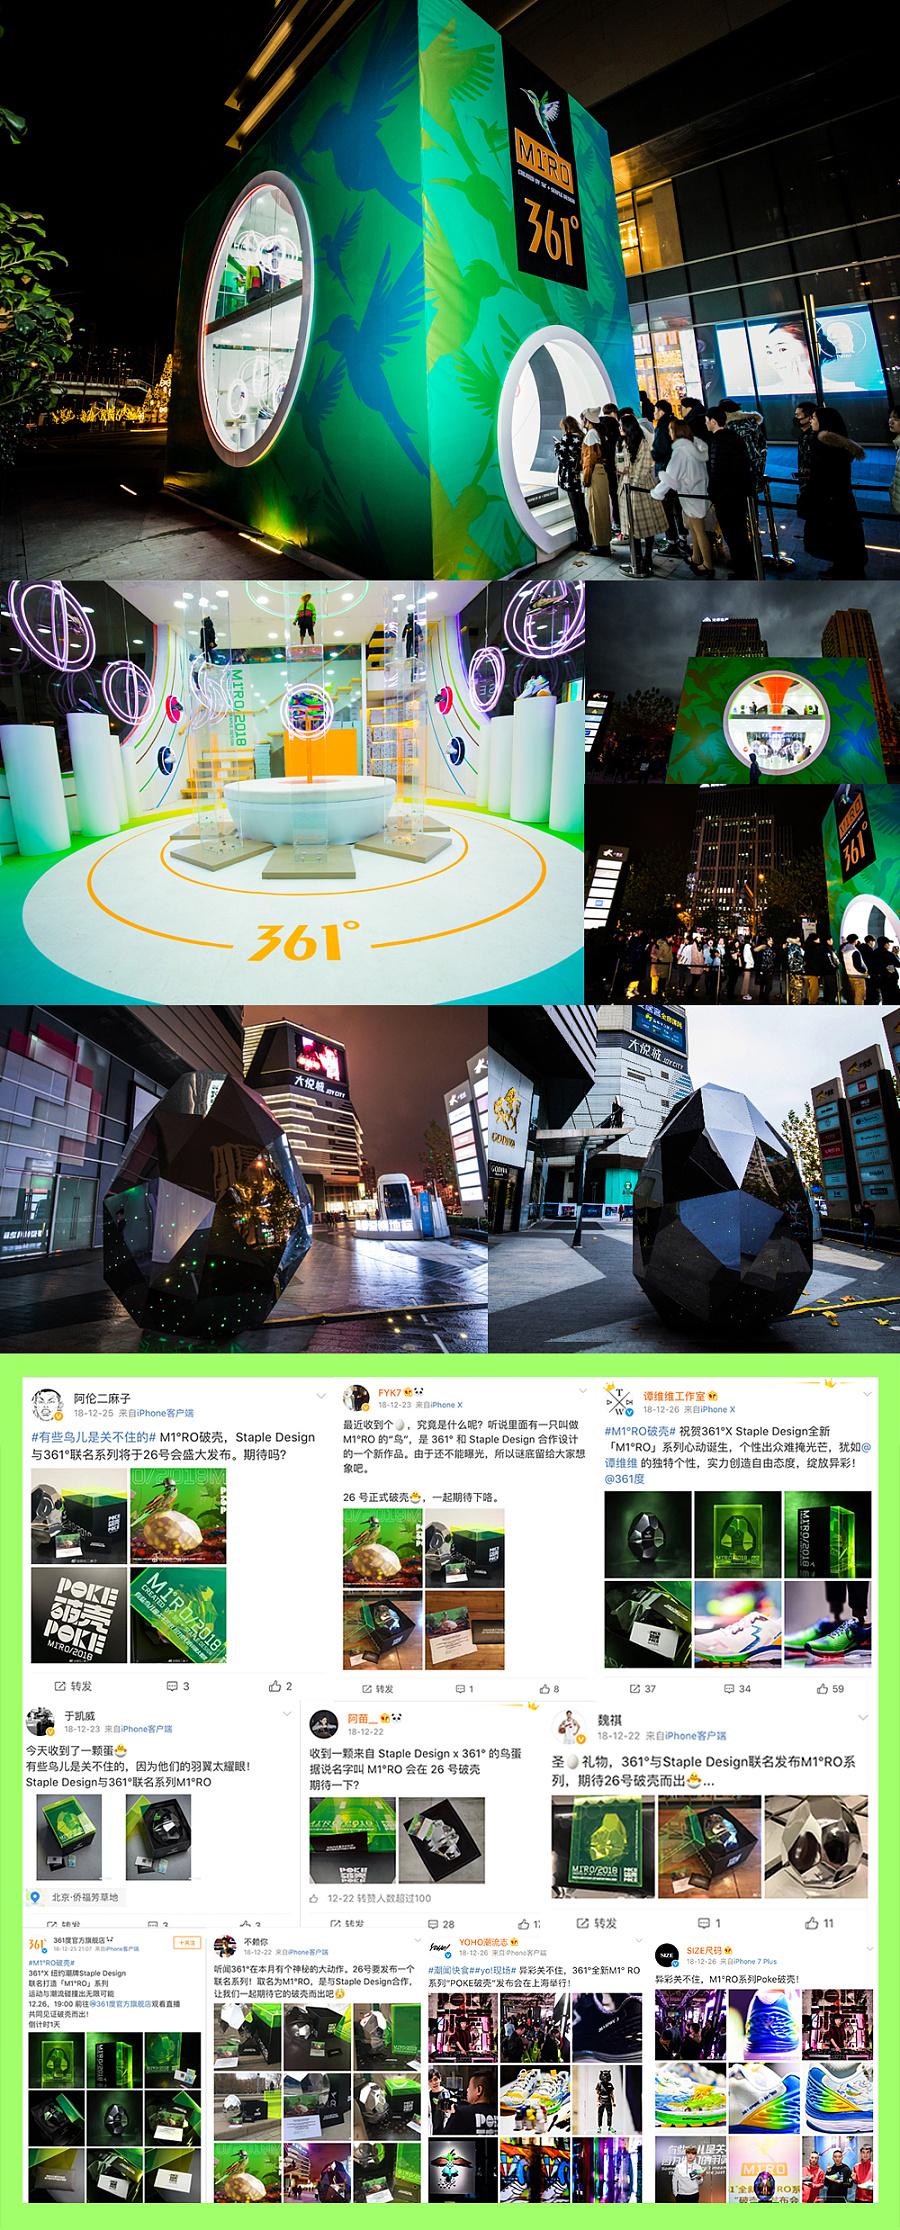 查看《M1°RO「破壳而出」潮流艺术展与新品发布会》原图,原图尺寸:1000x2478